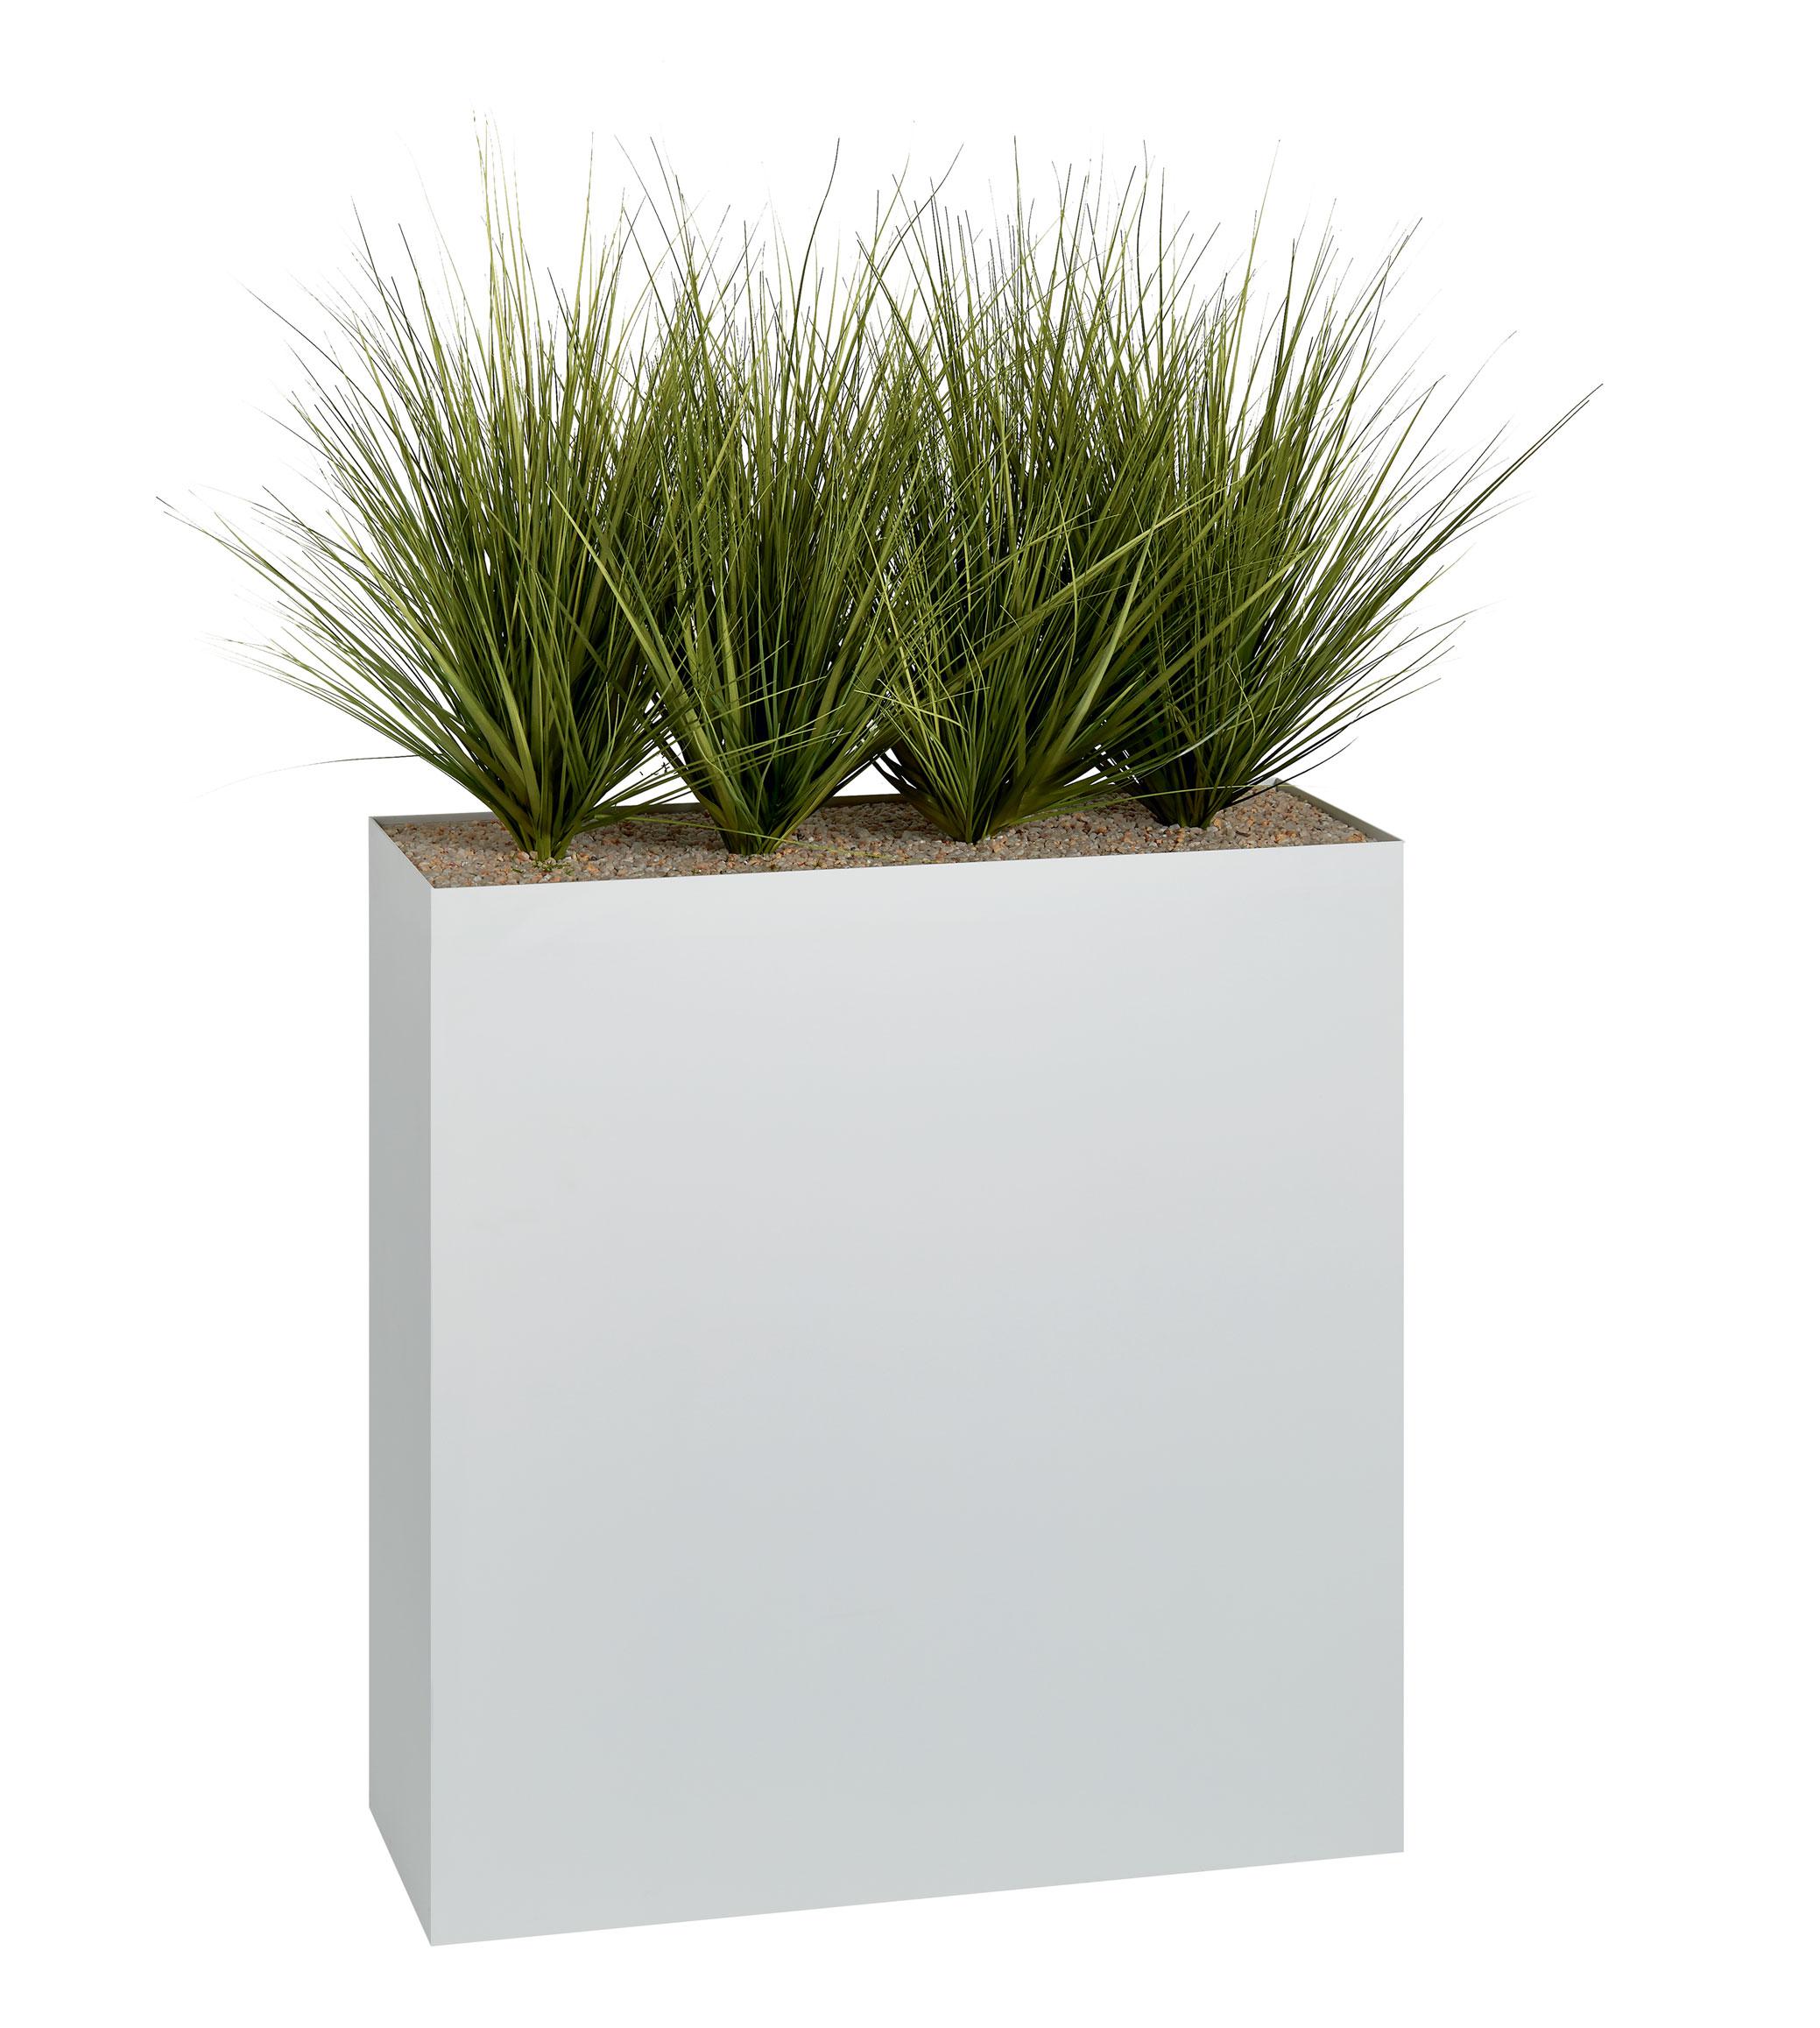 jardinière-haute-90-cm-avec-graminées-artificielles